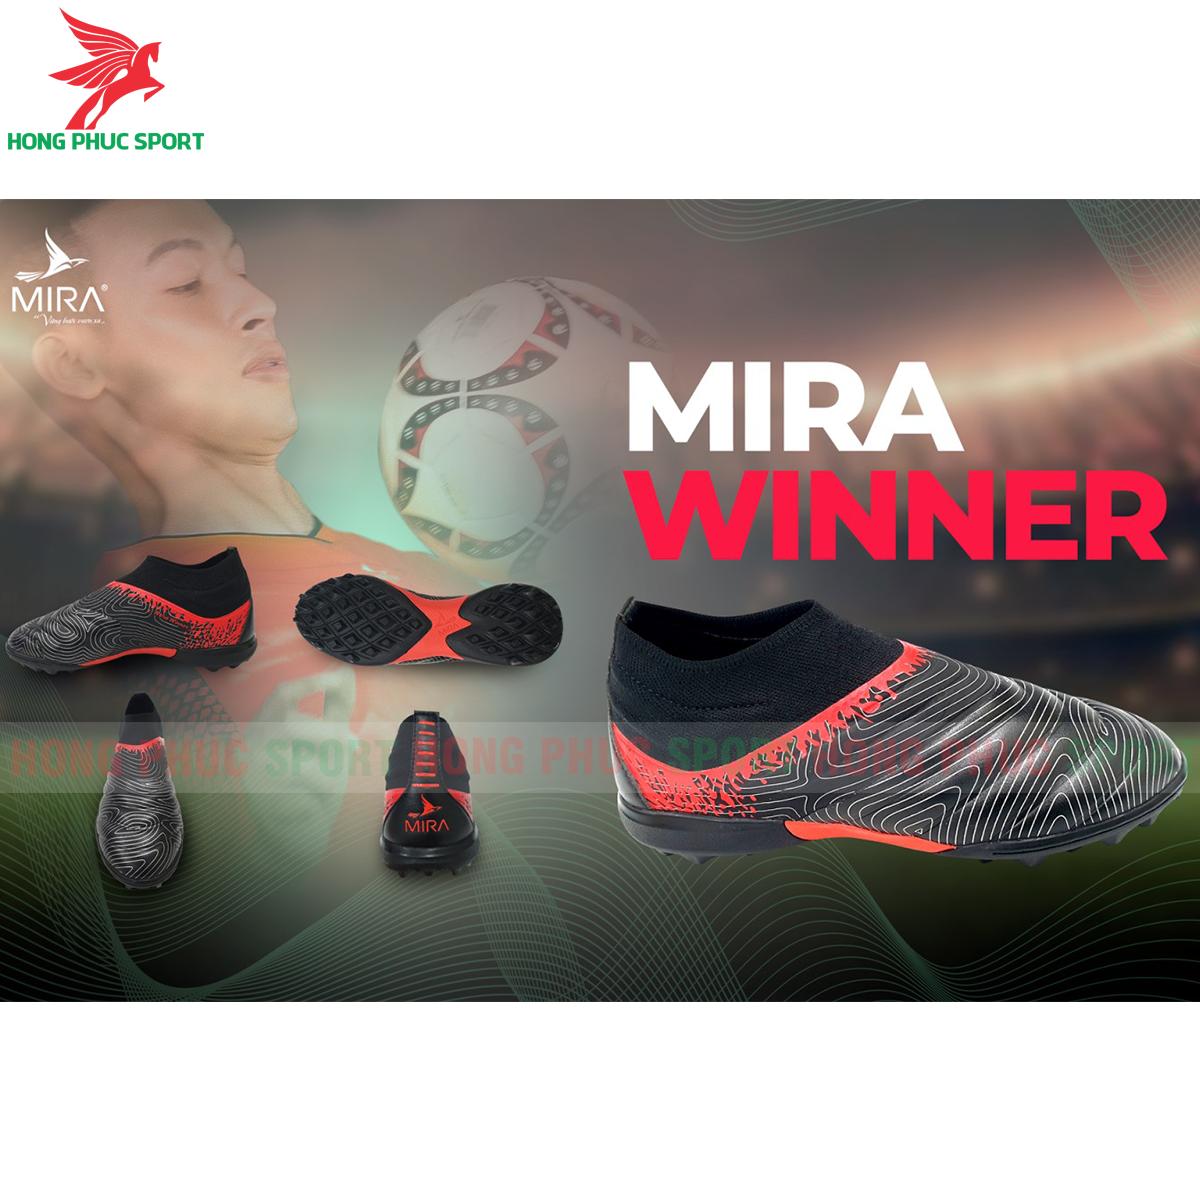 Giày Mira Winner sân cỏ nhân tạo màu đen